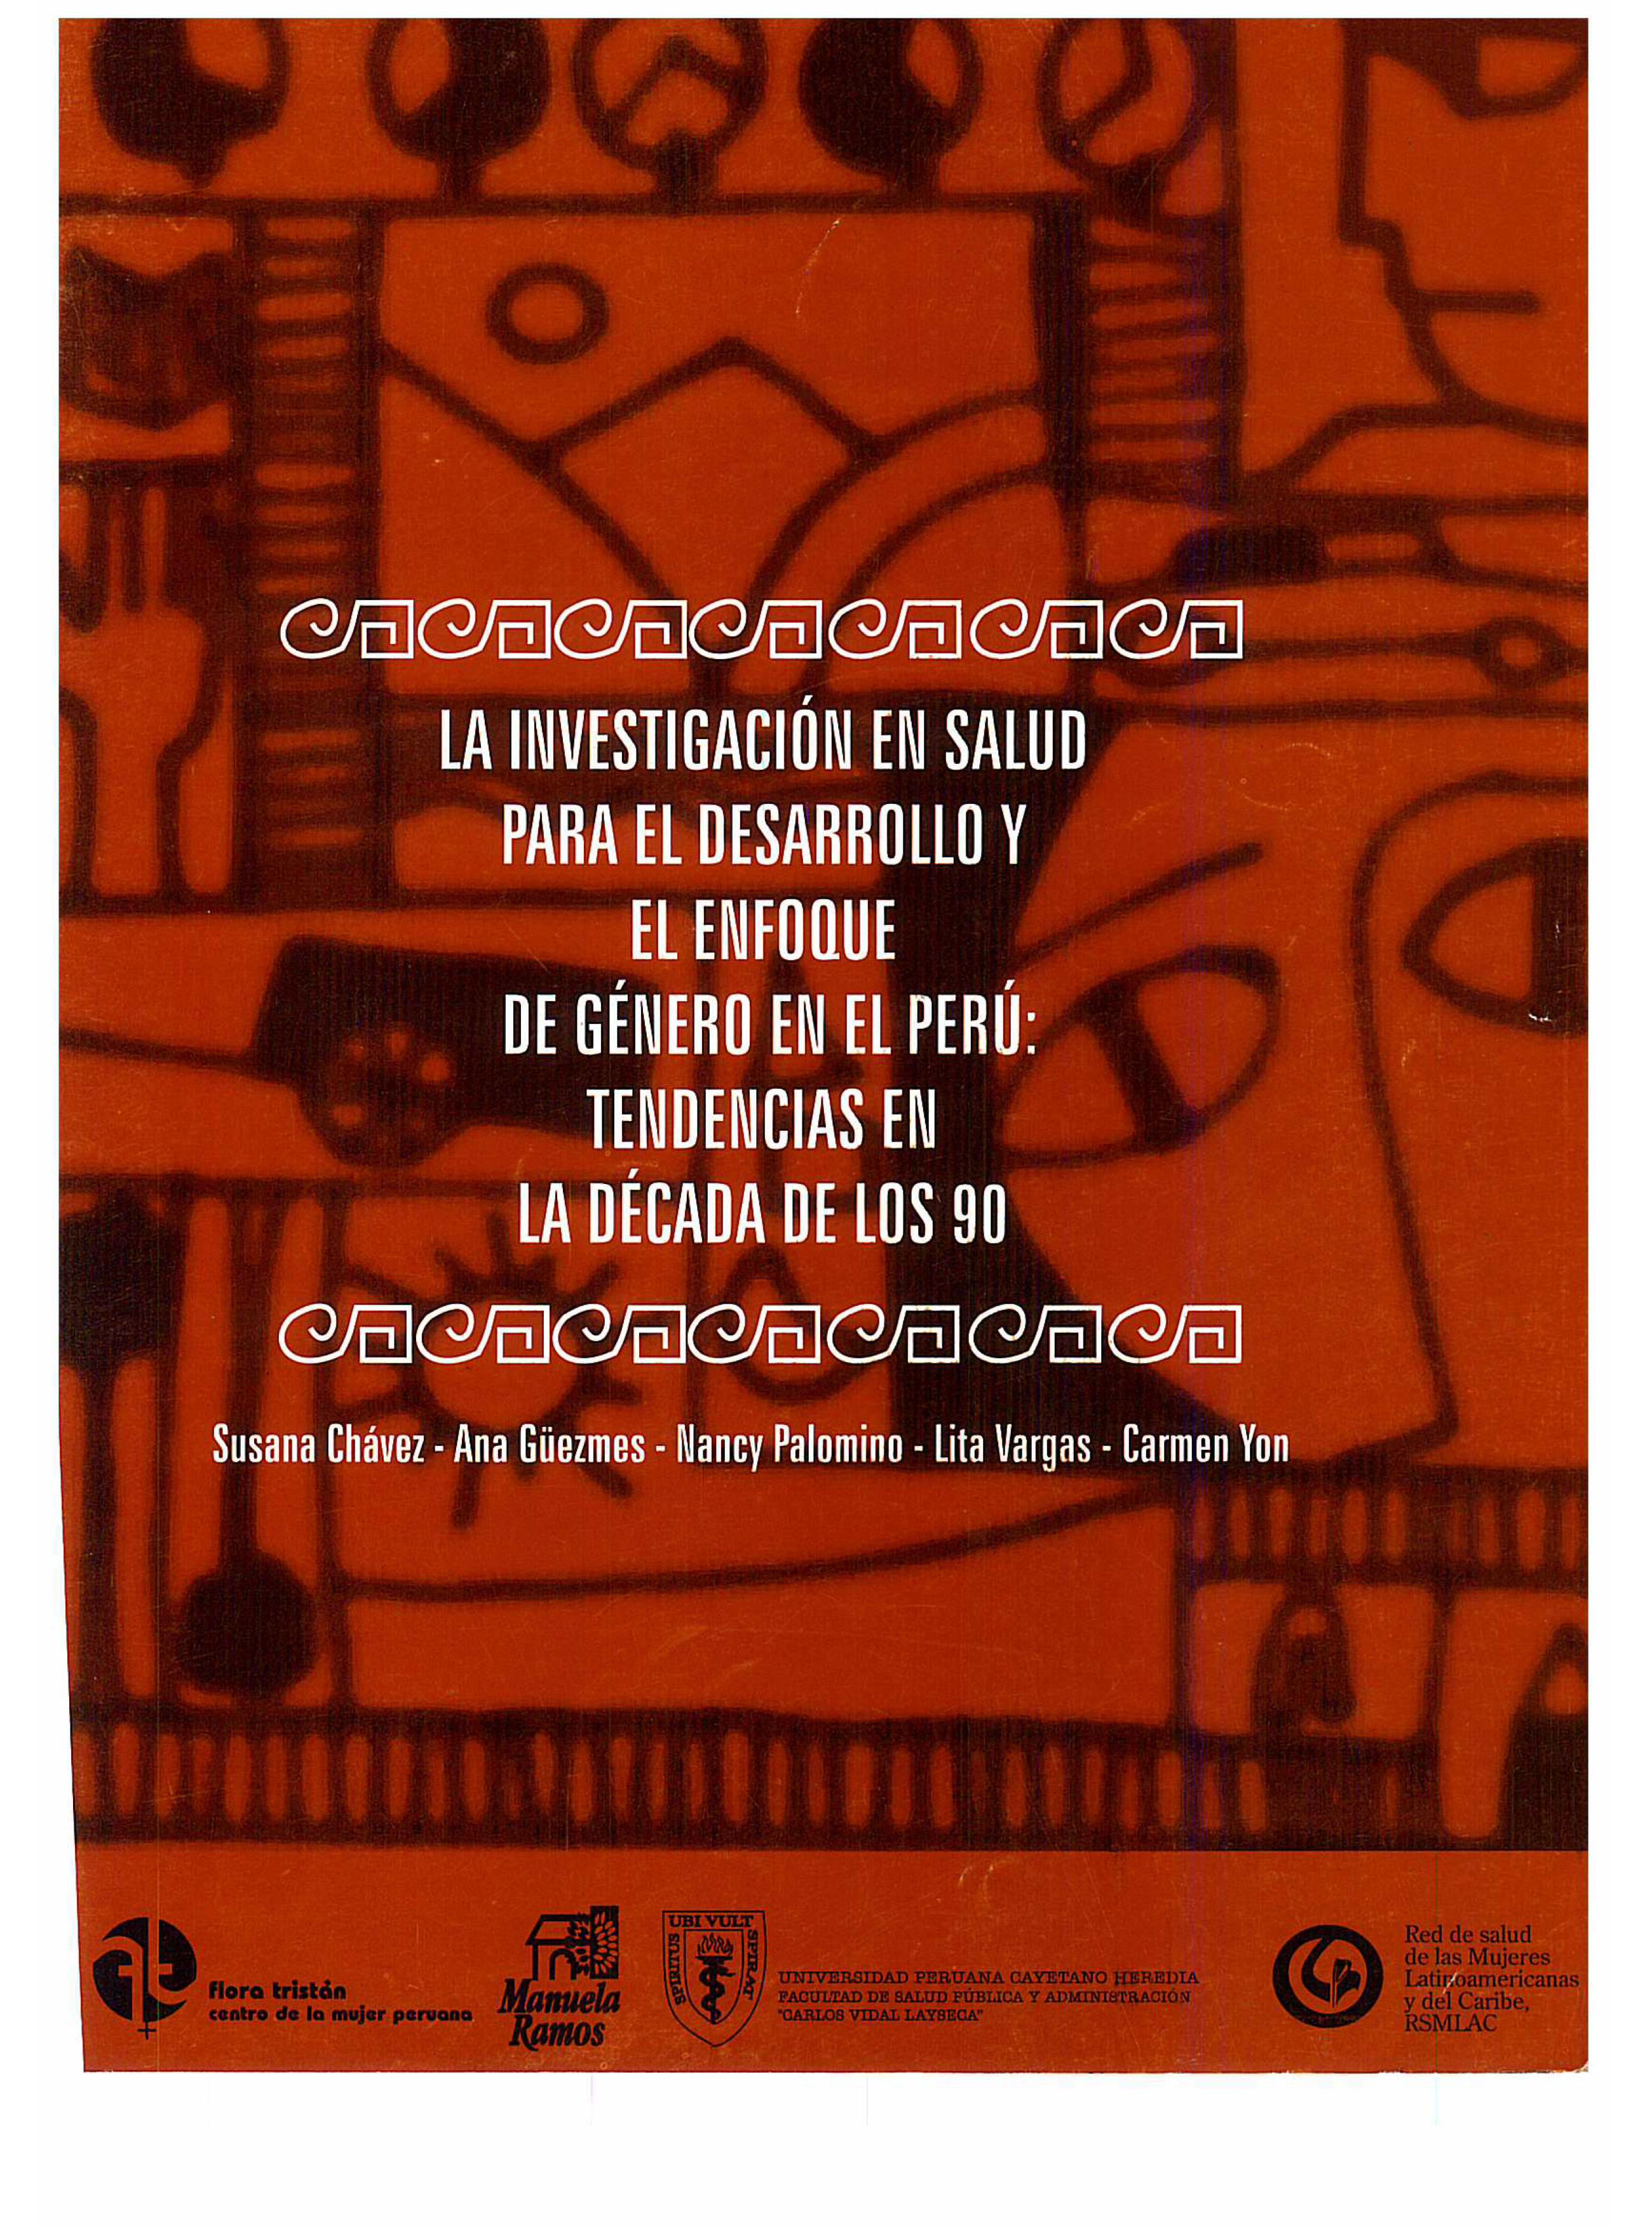 La investigación en salud para el desarrollo y el enfoque de género en el Perú: tendencias en la década de los 90